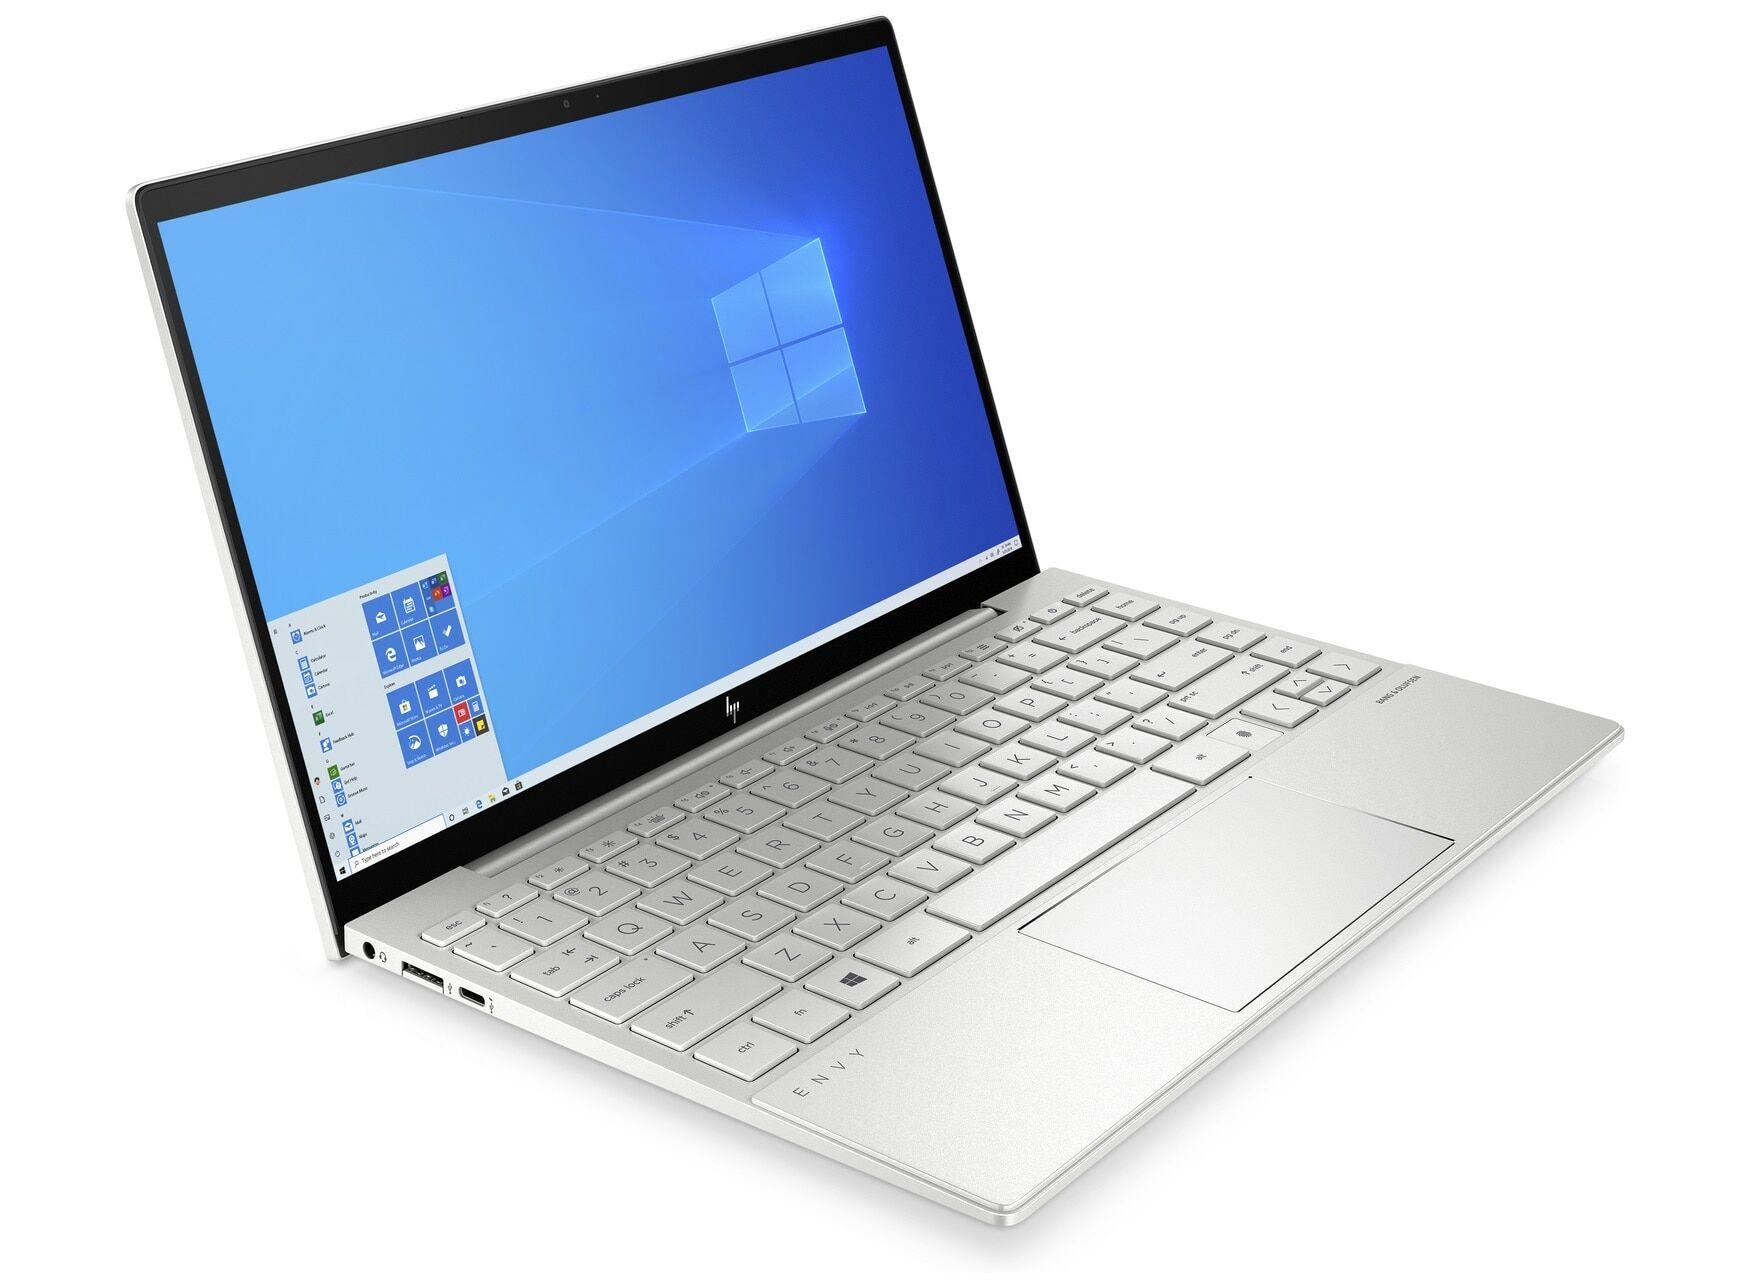 HP ENVY 13-ba1023nl Notebook con Filtro Privacy HP Sure View